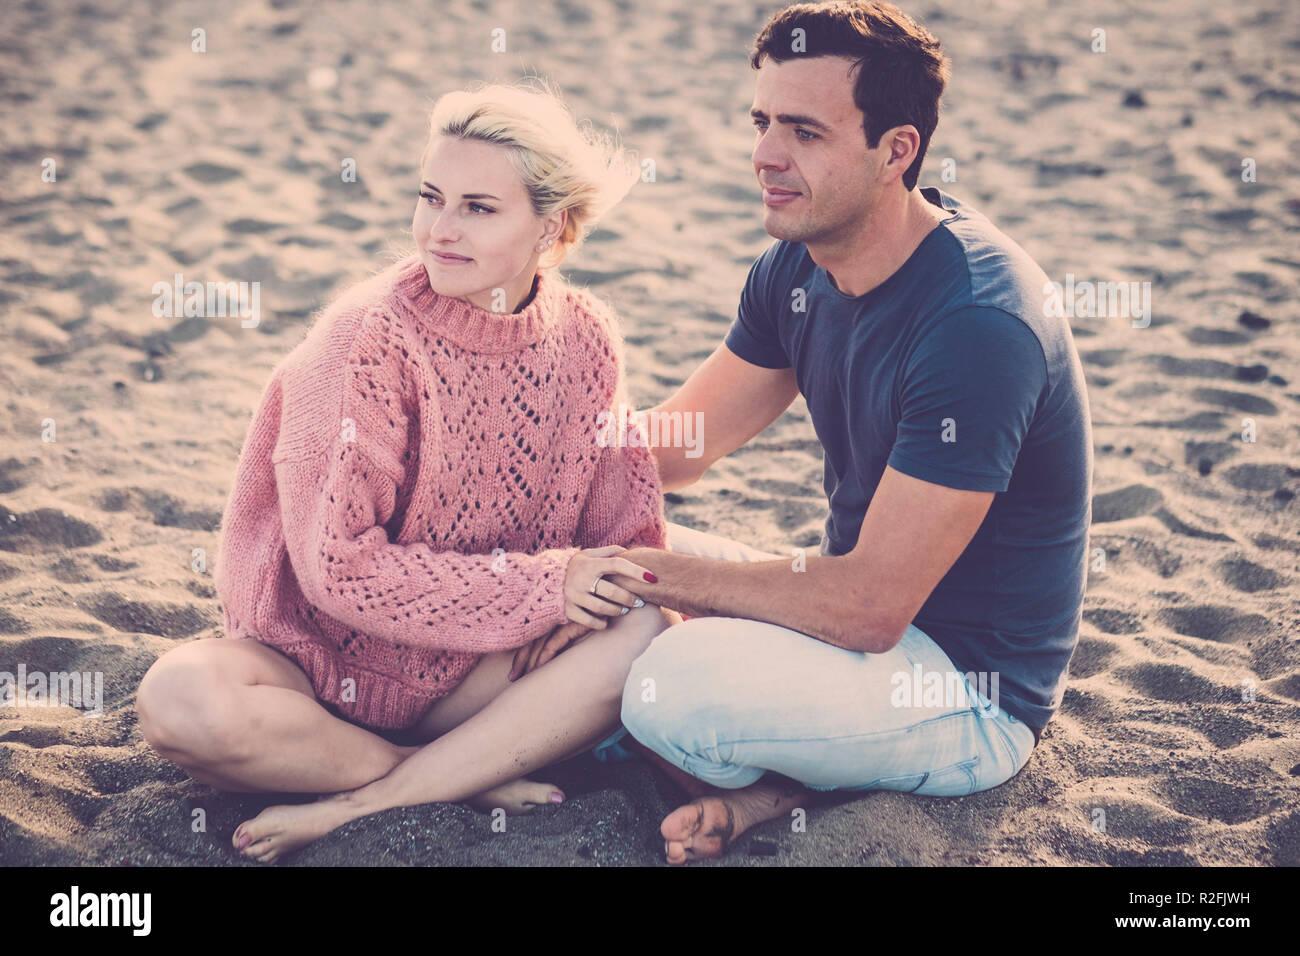 Bellissimo modello giovane caucasico giovane donna e uomo rimanere  nell amore abbracciando e seduto sulla bec62348a5e4